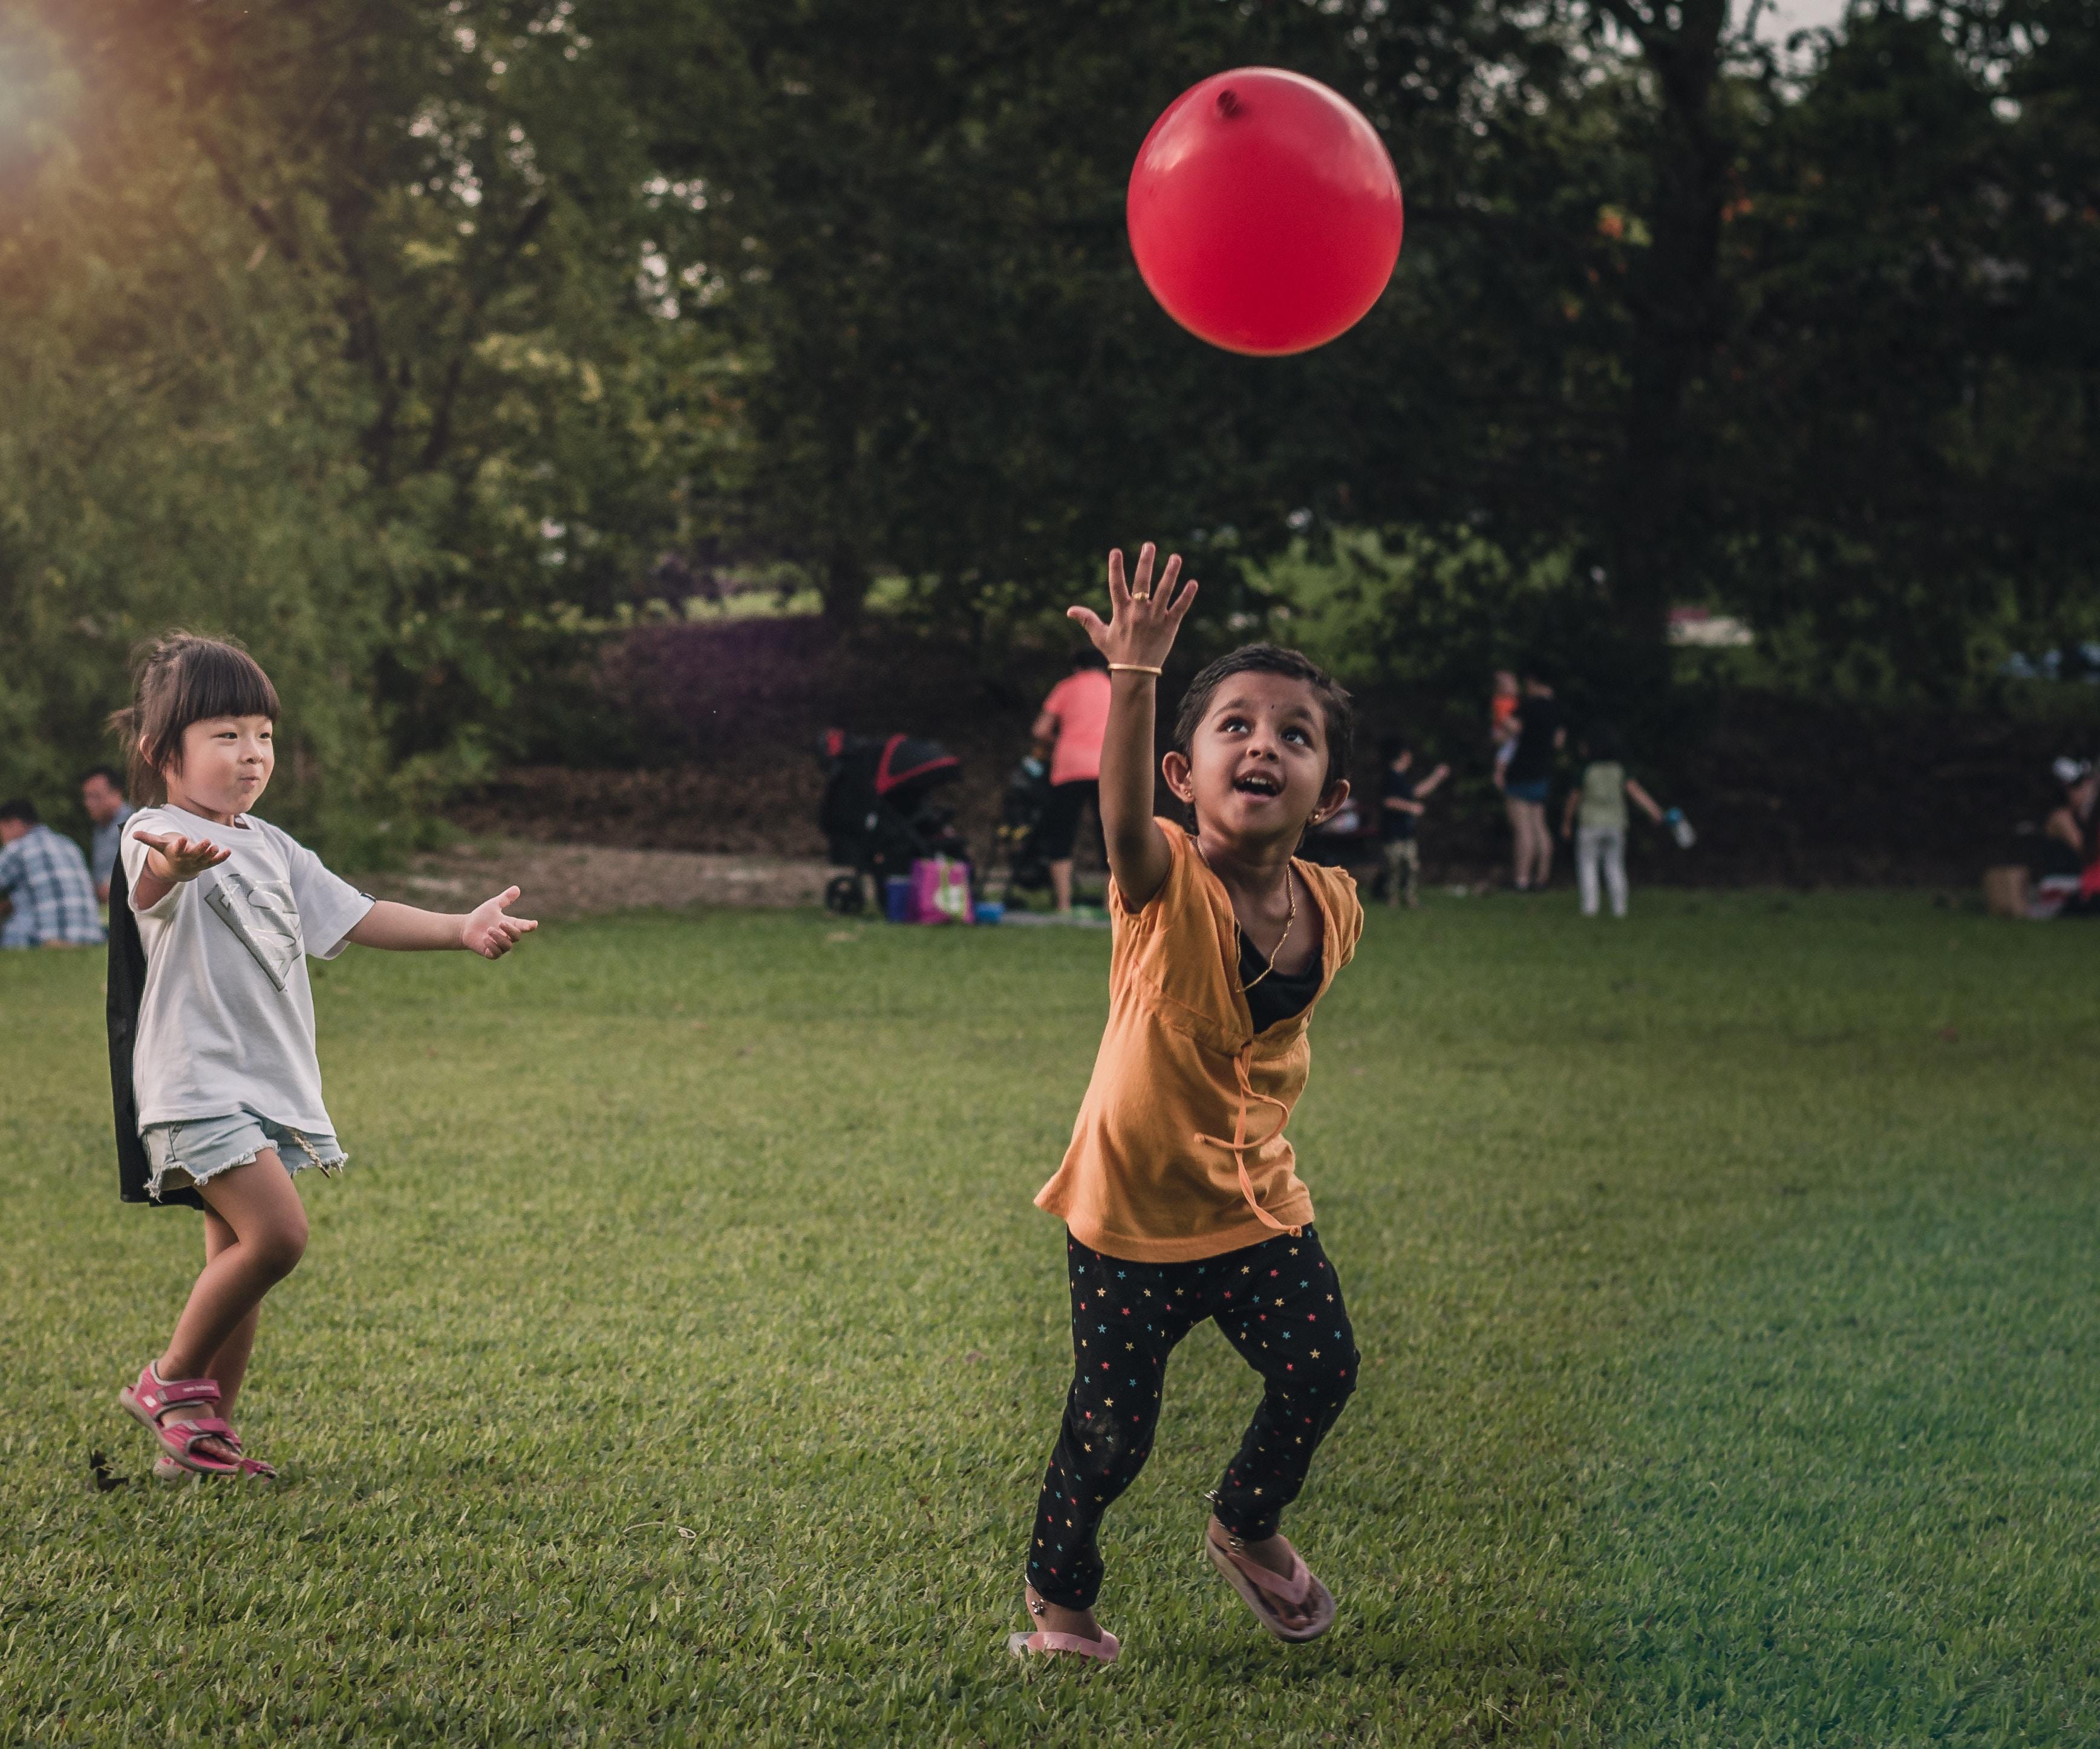 Quanto tempo uma criança brinca ao ar livre hoje?